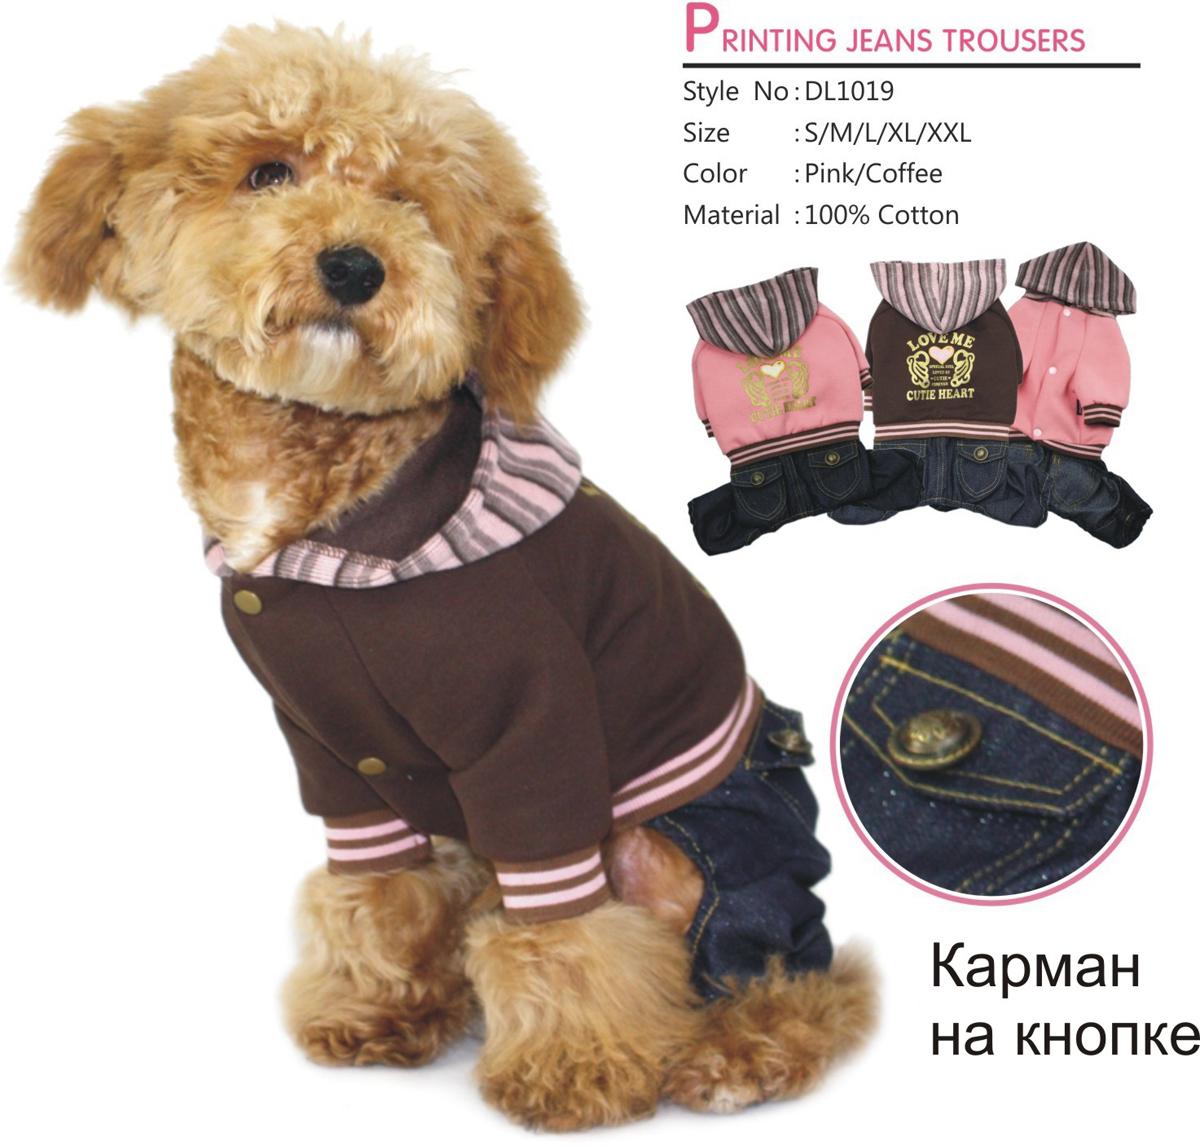 Комбинезон для собак Dobaz, утепленный, цвет: розовый, джинсовый. ДЛ1019АХХЛ. Размер XXLДЛ1019АХХЛКомбинезон Dobaz утепленный выполнен из комбинации трикотажного и джинсового материалов. Изделие дополненокарманами.Обхват шеи: 40 см.Обхват груди: 60 см.Длина спинки: 41 см.Одежда для собак: нужна ли она и как её выбрать. Статья OZON Гид